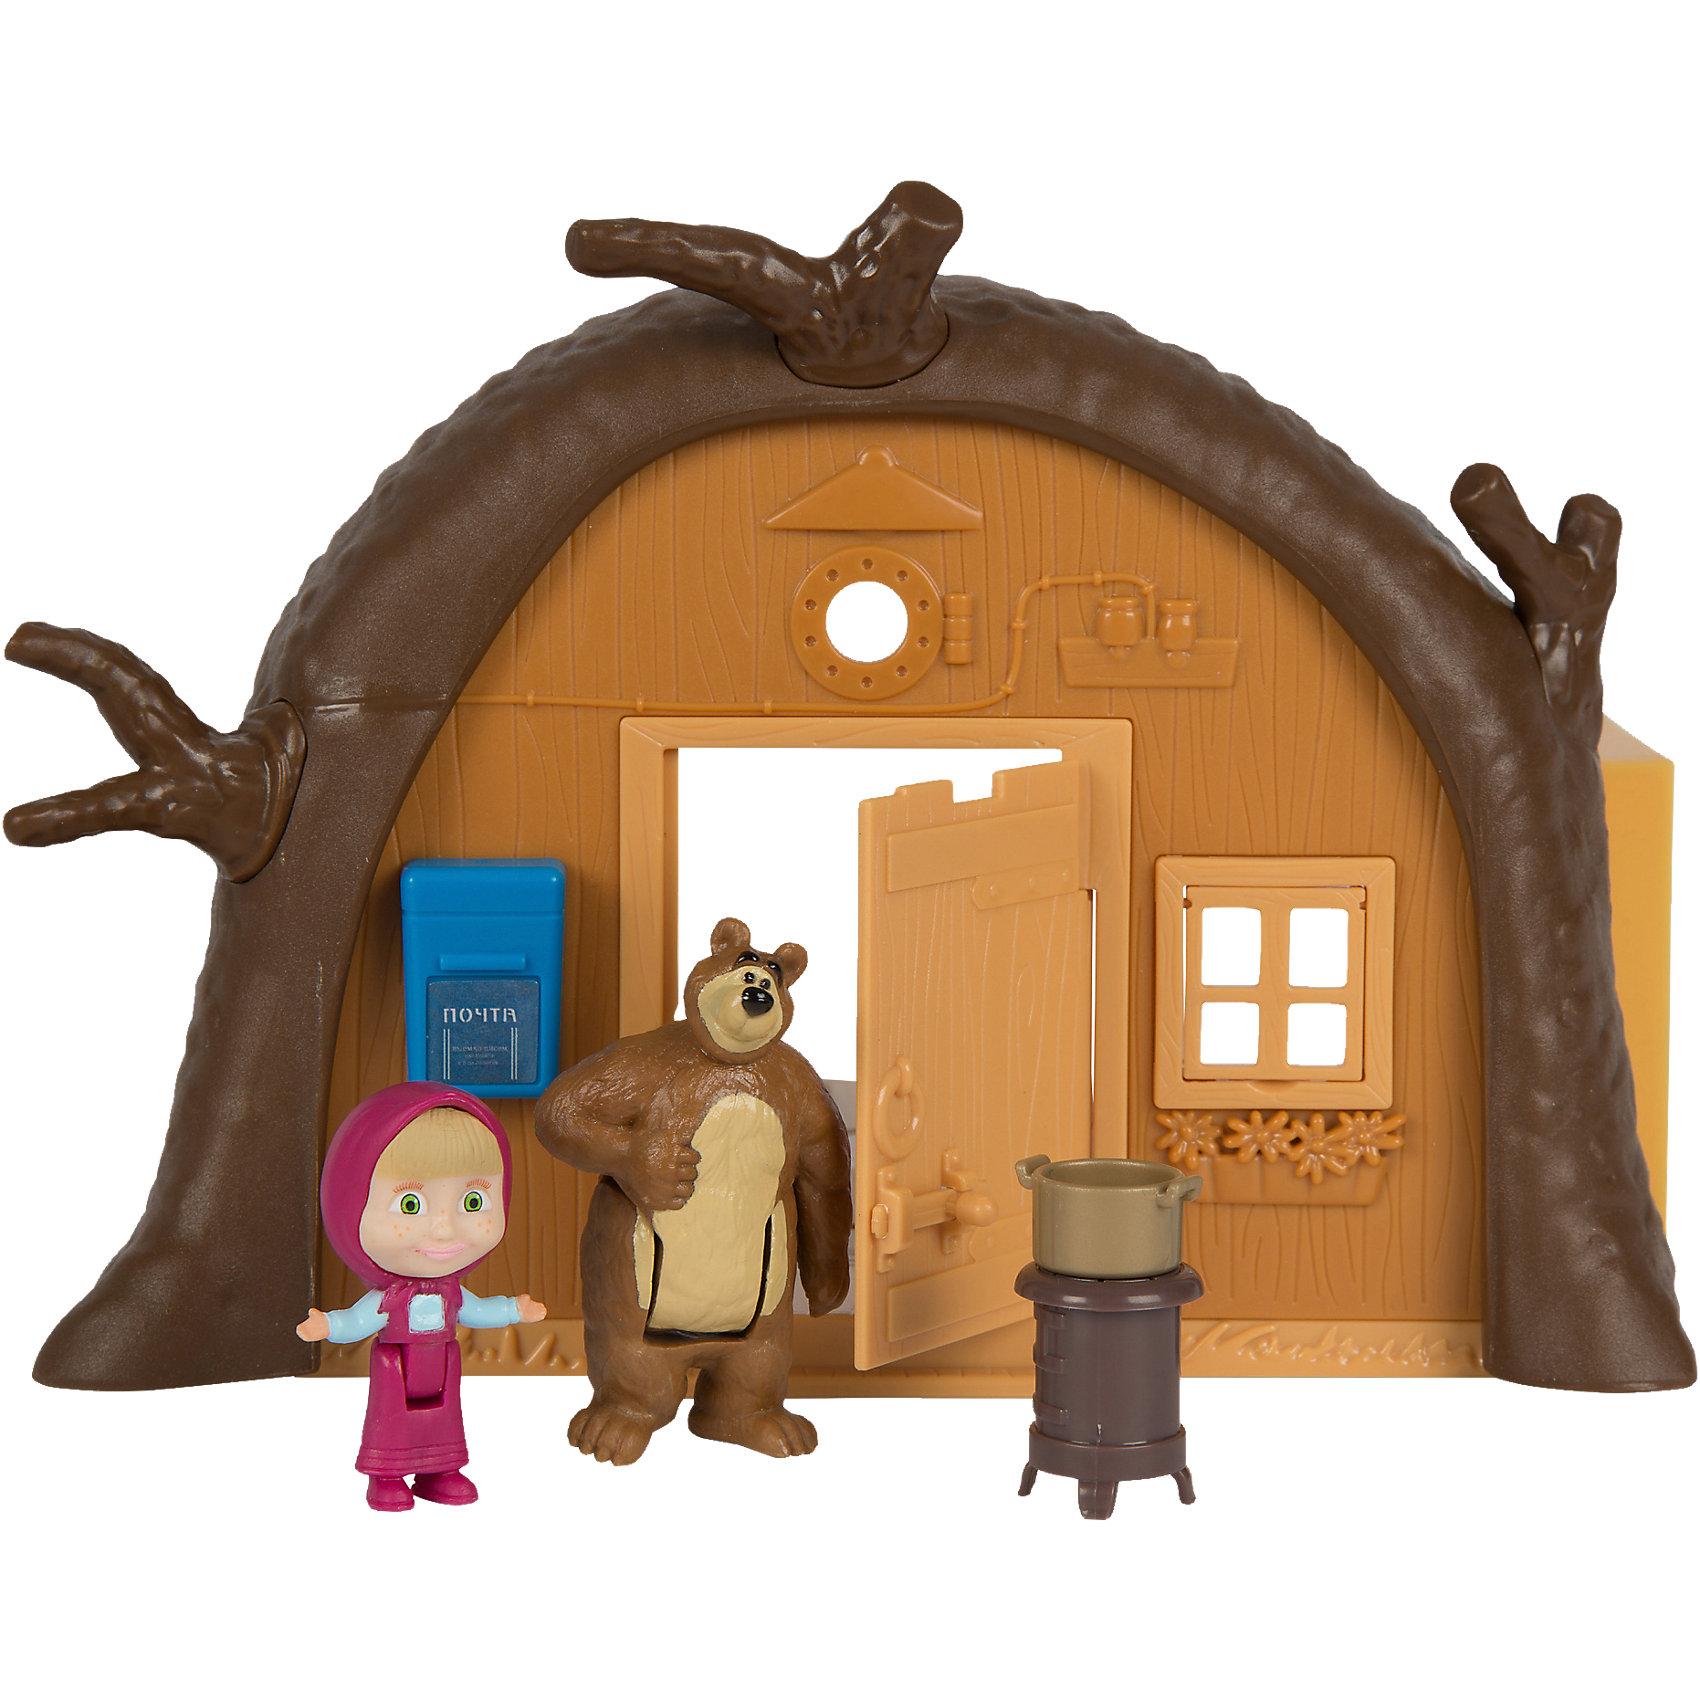 Домик Миши, Маша и Медведь, SimbaМаша и Медведь<br>Домик Миши, Маша и Медведь, Simba (Симба) – это прекрасный игровой набор по мотивам мультсериала Маша и медведь.<br>Игровой набор Домик Миши позволит ребенку воссоздать игровые ситуации из любимого мультфильма Маша и Медведь. Внешне домик выглядит как в мультфильме. Одна стена домика не двигается. В ней есть дверь и окошко. Дверь домика открывается. На стене висит почтовый ящик. В другой стене окон нет, но она может опускаться, становясь, полом и открывая внутреннюю комнату Миши. Внутри есть телевизор, самовар, холодильник, кресло, столик, печка, сундук и другие аксессуары. В комплект входят две фигурки. Миша неподвижный, не может менять позу, а Маша умеет наклоняться и садиться на стул. Набор удобно брать с собой в дорогу или в гости, благодаря сборной конструкции. В сложенном виде домик представляет собой футляр, в котором хранятся аксессуары для игры. Домик Миши с аксессуарами перенесет ребенка в мир фантазий, где живут любимые герои. Играть с ними весело и интересно.<br><br>Дополнительная информация:<br><br>- В наборе: кукла Маша; домик; фигурка Миши; печь; самовар; столик; телевизор; кресло; посуда; кастрюля; сундучок; холодильник; хлебница<br>- Высота куклы: 12 см.<br>- Материал: пластик<br>- Размер упаковки: 35х10х20 см.<br>- Вес: 500 гр.<br><br>Домик Миши, Маша и Медведь, Simba (Симба) можно купить в нашем интернет-магазине.<br><br>Ширина мм: 359<br>Глубина мм: 205<br>Высота мм: 104<br>Вес г: 651<br>Возраст от месяцев: 36<br>Возраст до месяцев: 72<br>Пол: Женский<br>Возраст: Детский<br>SKU: 4108994